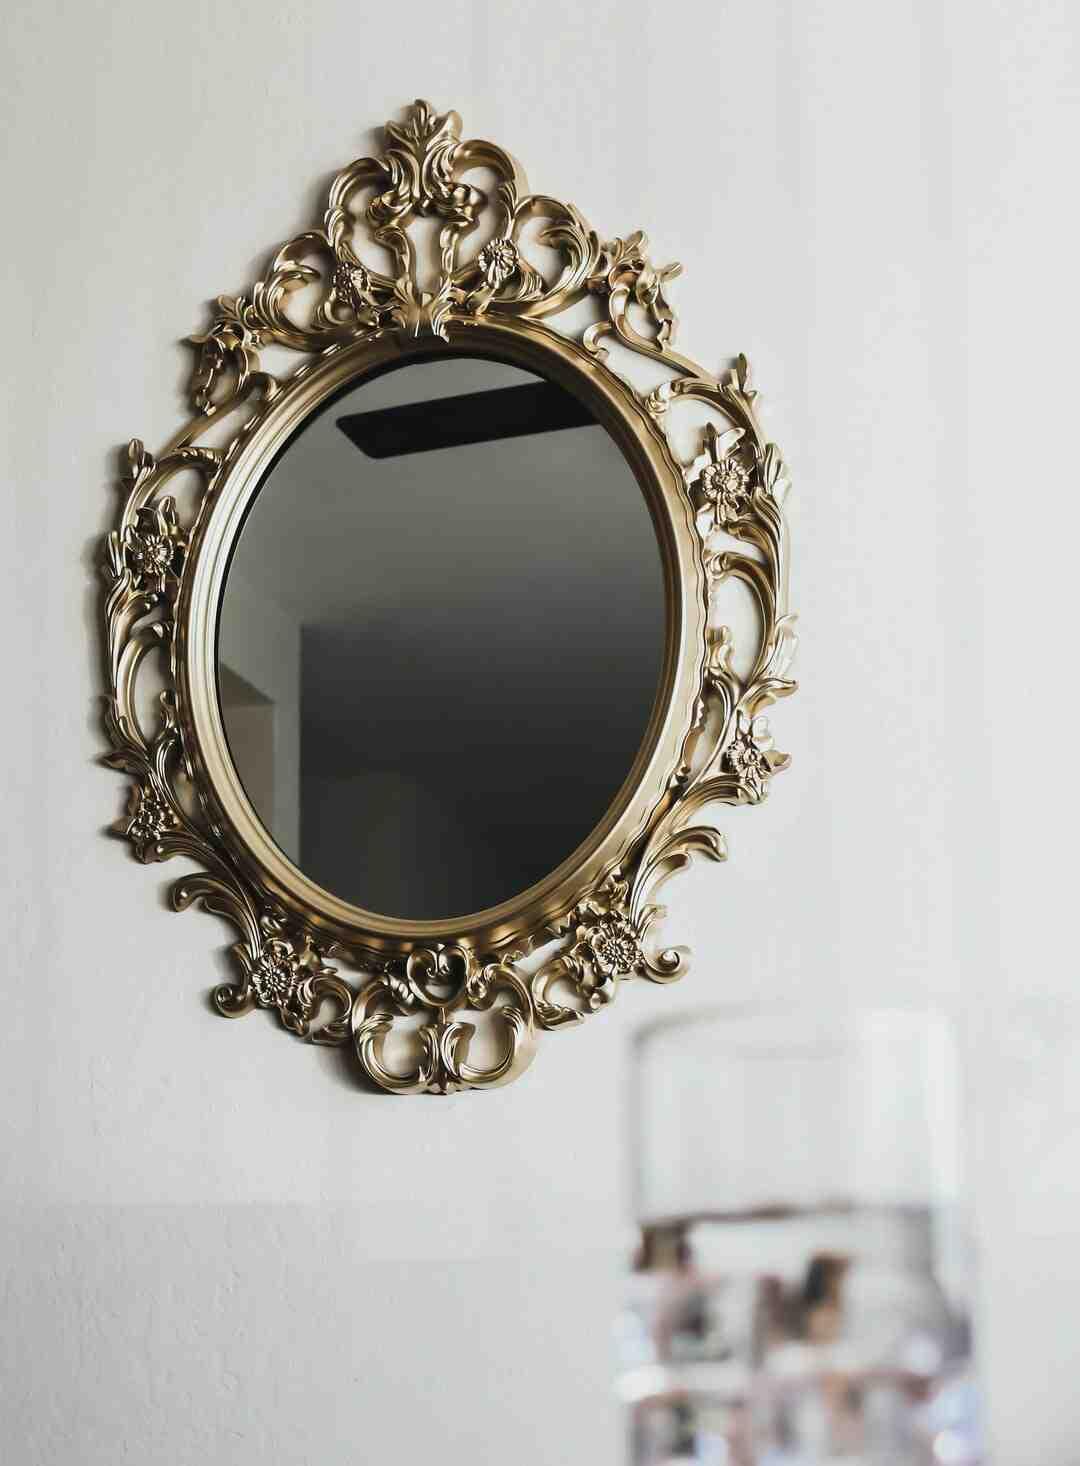 Comment accrocher un miroir sans trou ?